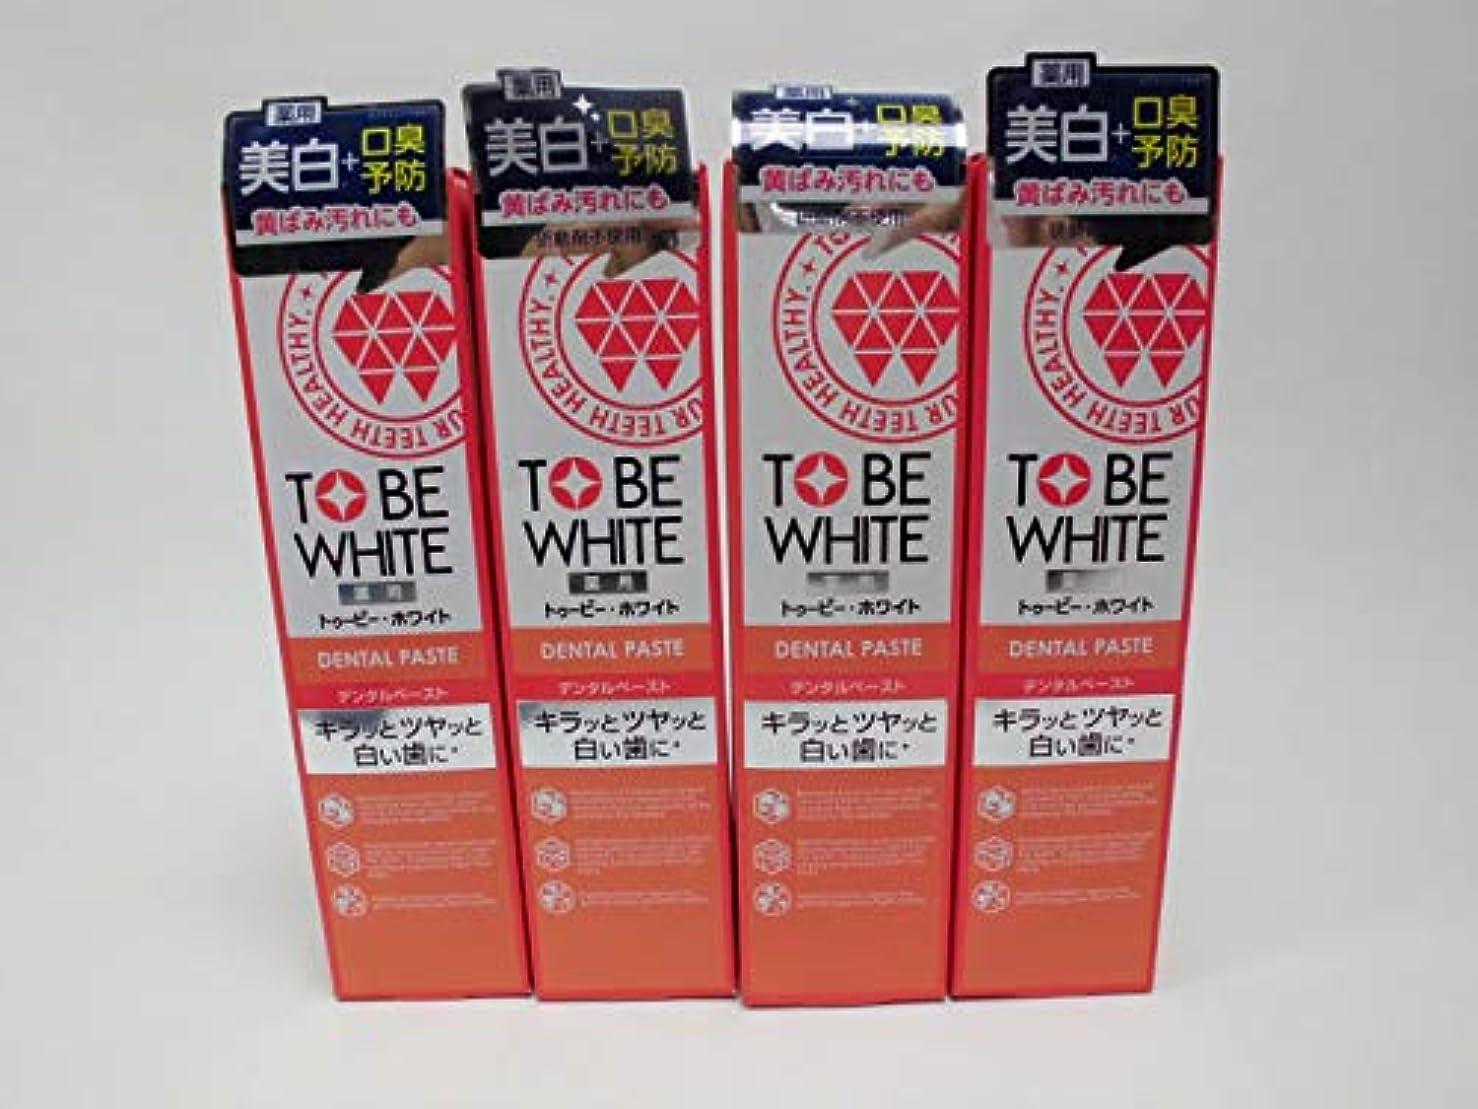 大艶ダイアクリティカル【4個セット】トゥービー?ホワイト 薬用デンタルペースト (100g)×4個セット